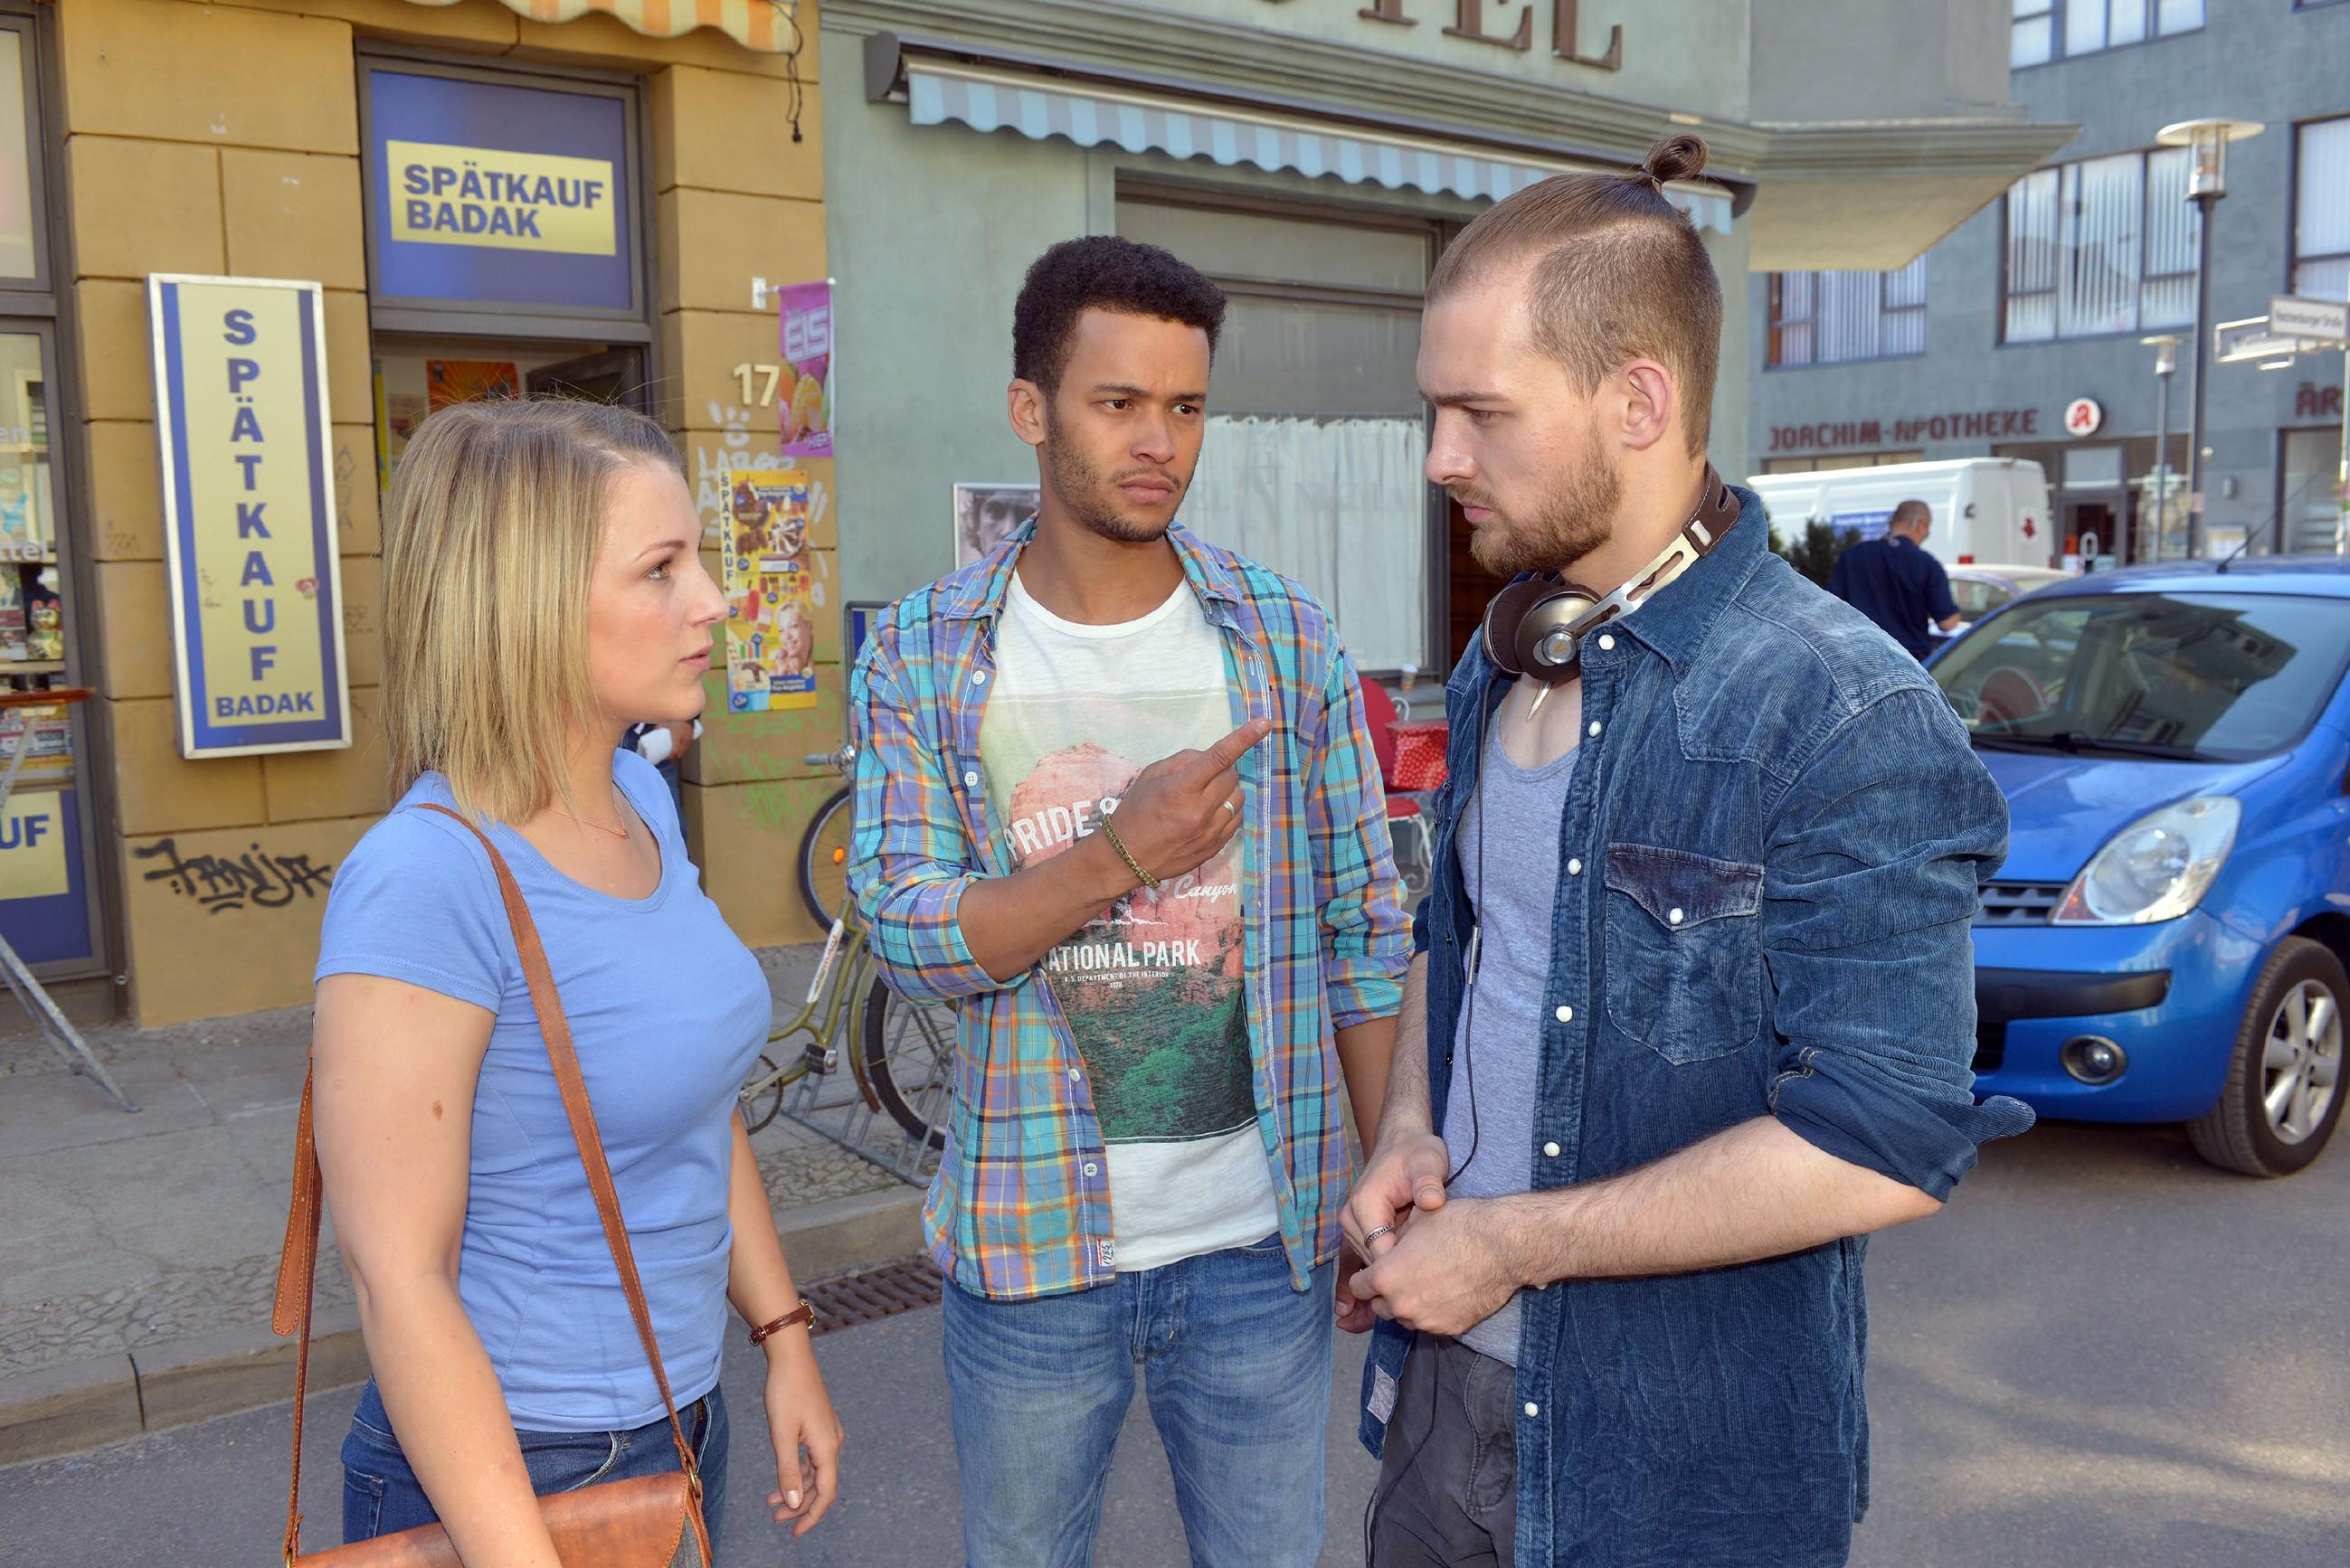 Als Lilly (Iris Mareike Steen) dahinterkommt, dass Chris (Eric Stehfest, r.) sie und Amar (Thando Walbaum) bei der Ausländerbehörde verraten hat, lässt sie ihn ihre ganze Verachtung spüren... (Quelle: RTL / Rolf Baumgartner)